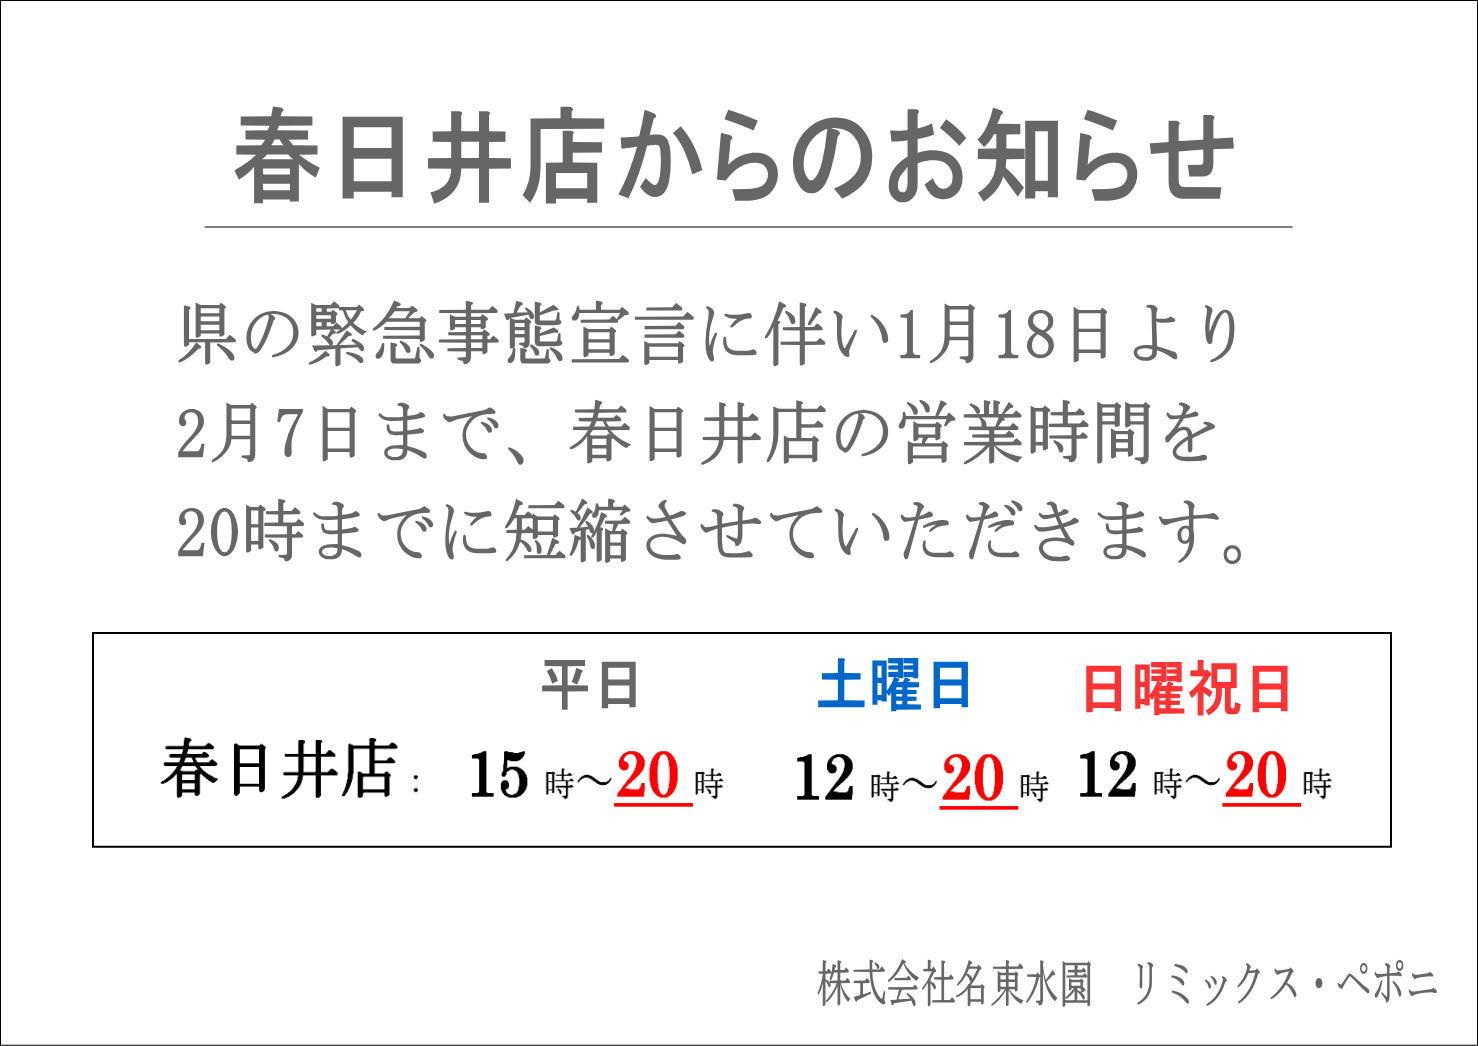 【春日井店】短縮営業のお知らせ